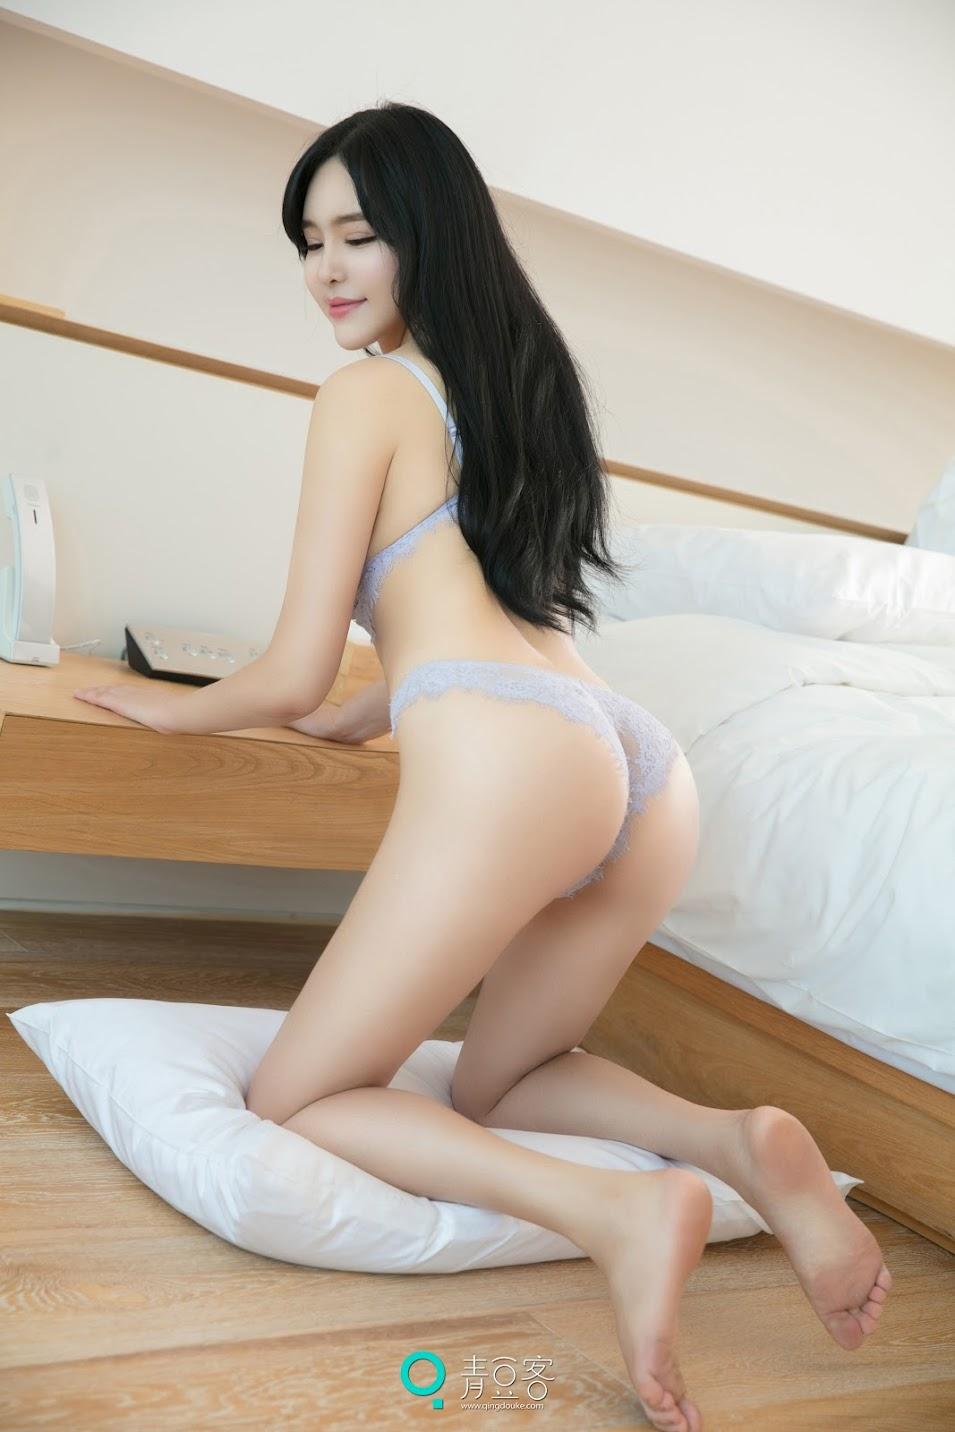 QingDouKe青豆客 NO083 2017.08.22 刘钰儿 [50+1P-161M] qingdouke%e9%9d%92%e8%b1%86%e5%ae%a2 02260